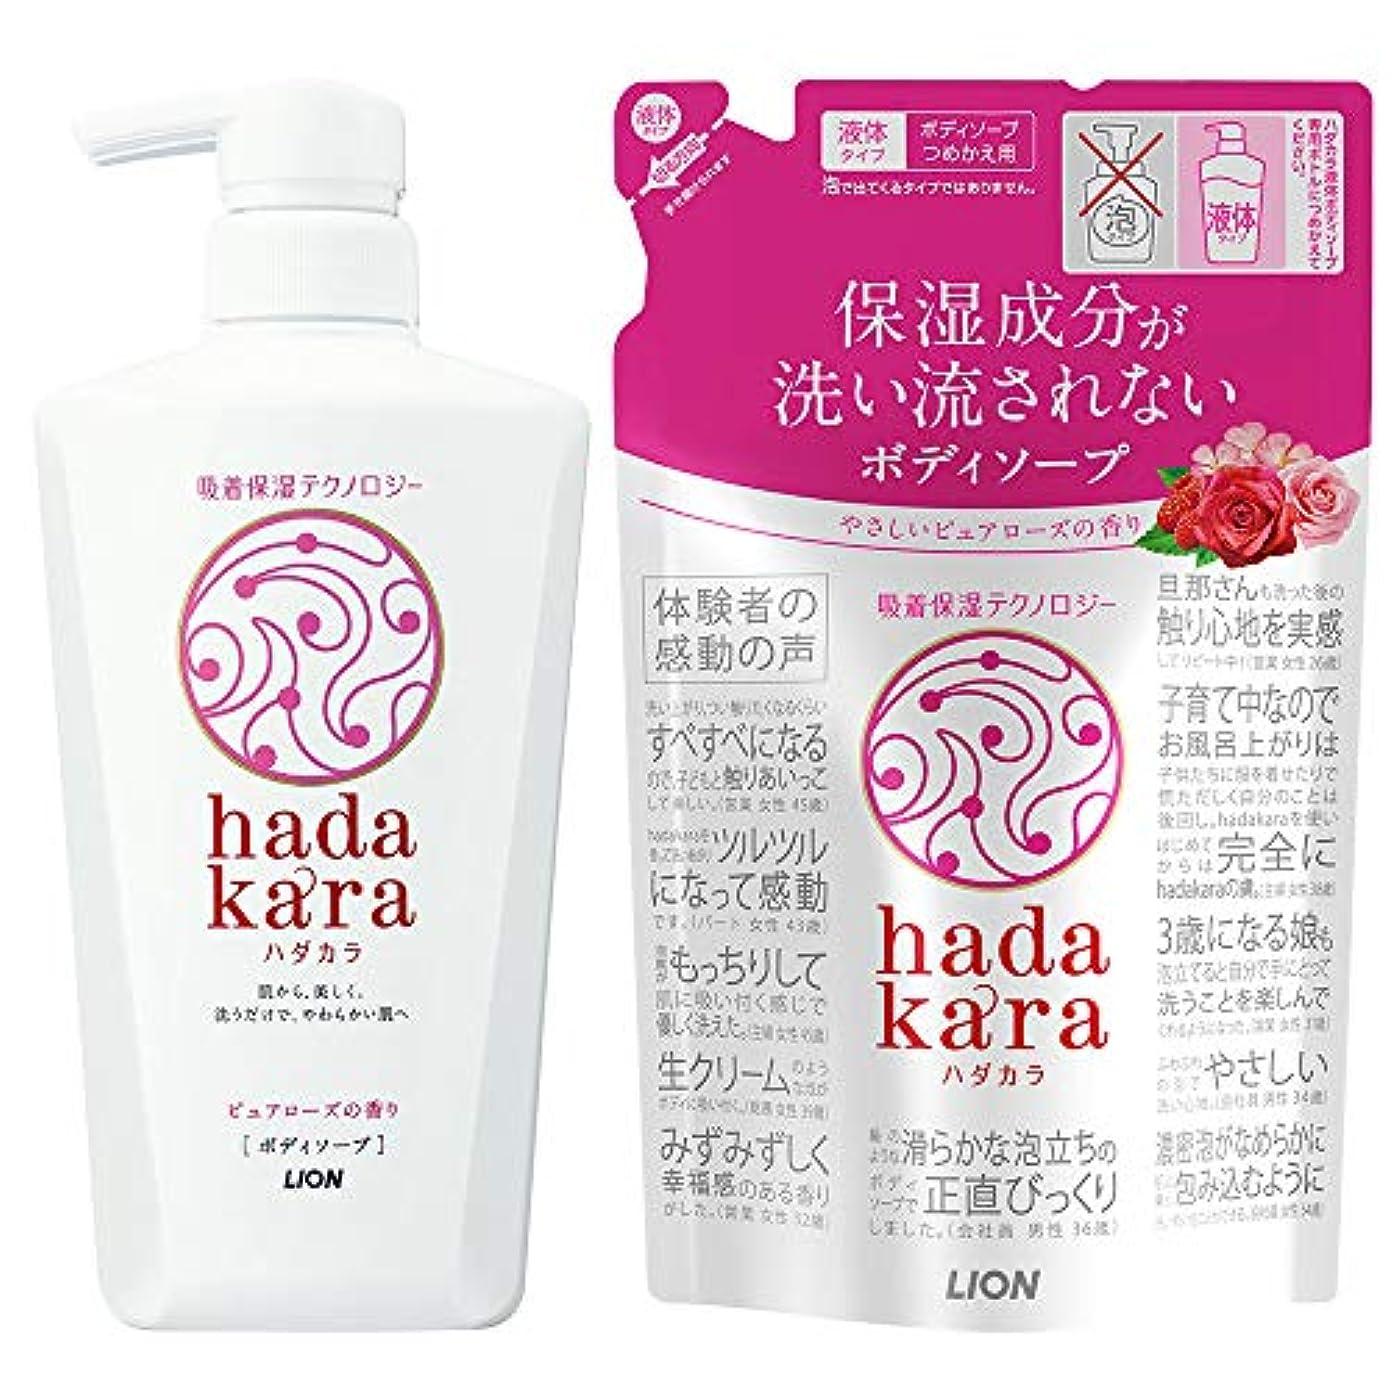 モルヒネケープ叙情的なhadakara(ハダカラ) ボディソープ ピュアローズの香り 本体500ml+つめかえ360ml